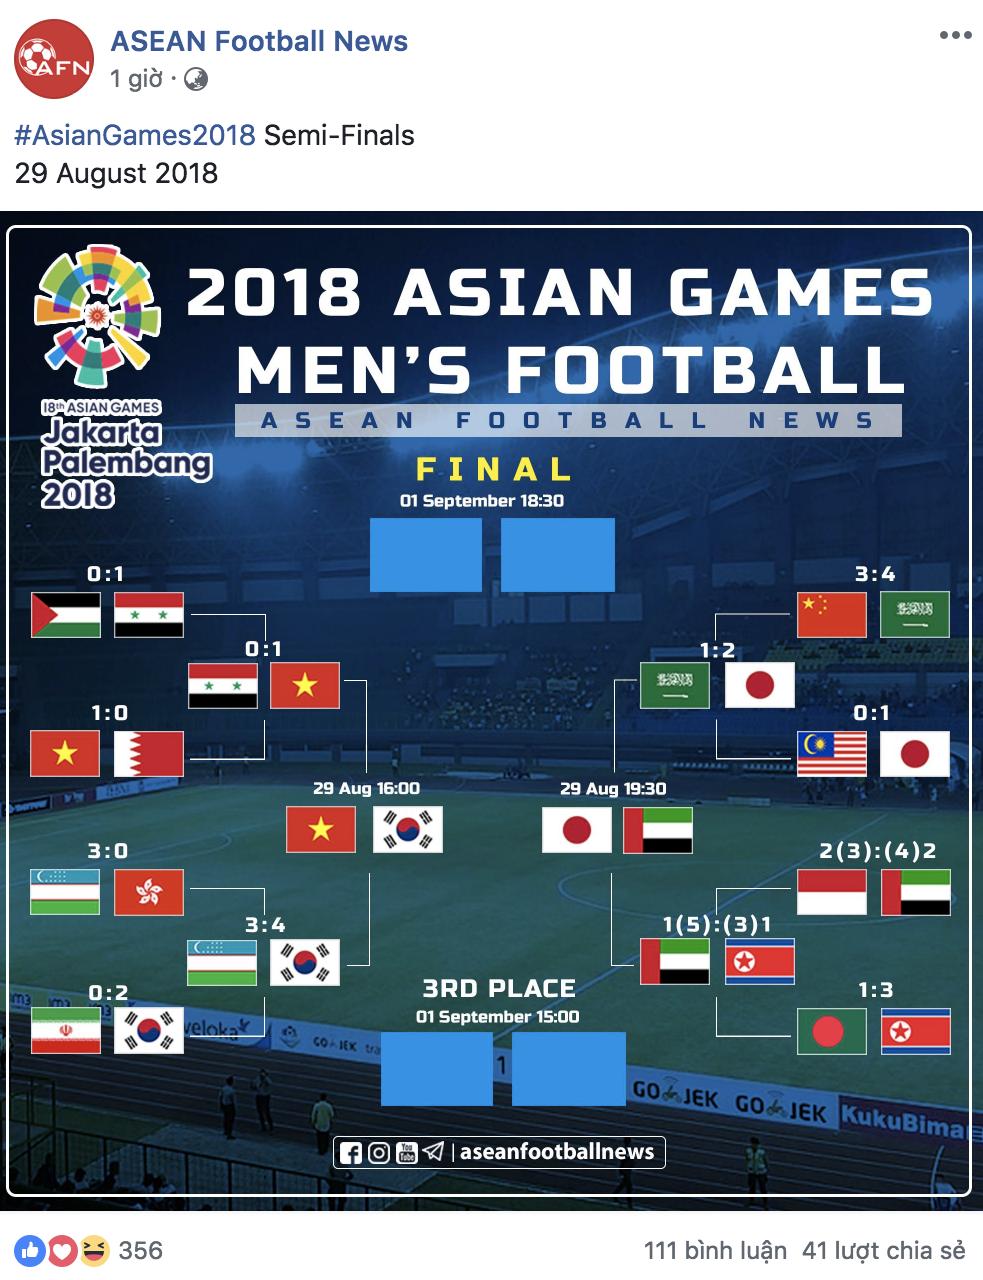 Báo chí nước ngoài hết lời ca tụng đội tuyển Việt Nam sau chiến thắng 1-0 trước Syria - Ảnh 10.